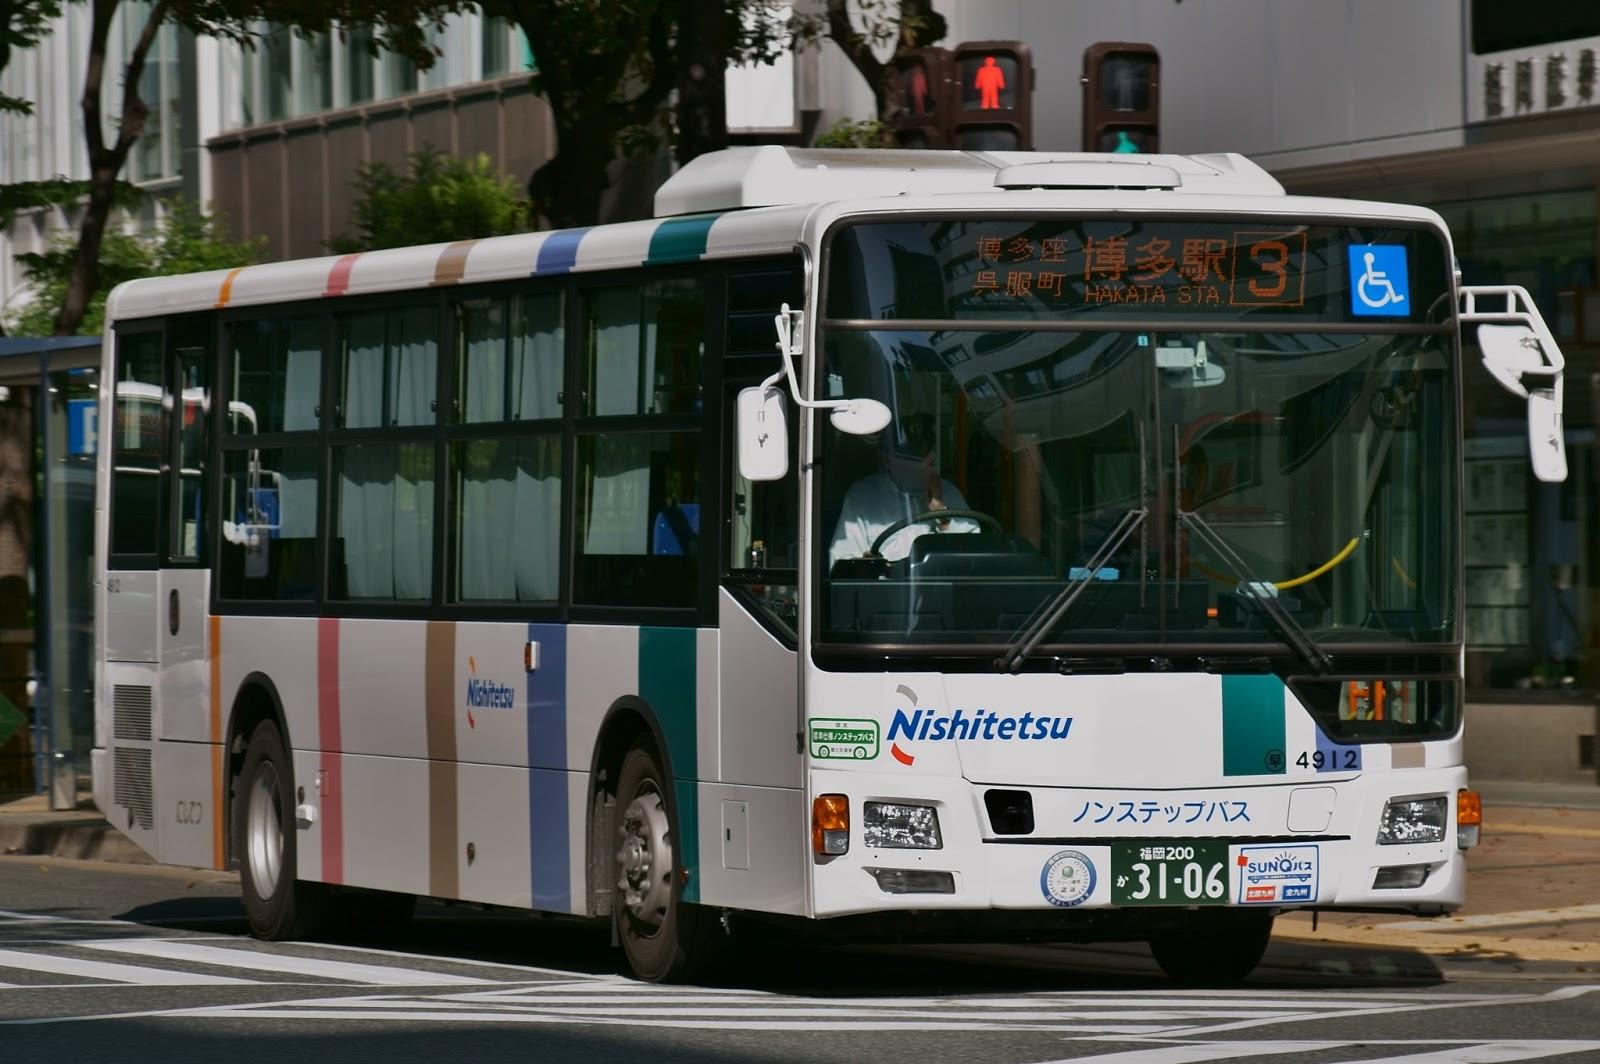 広島のバス: 西鉄バス 福岡200か3106